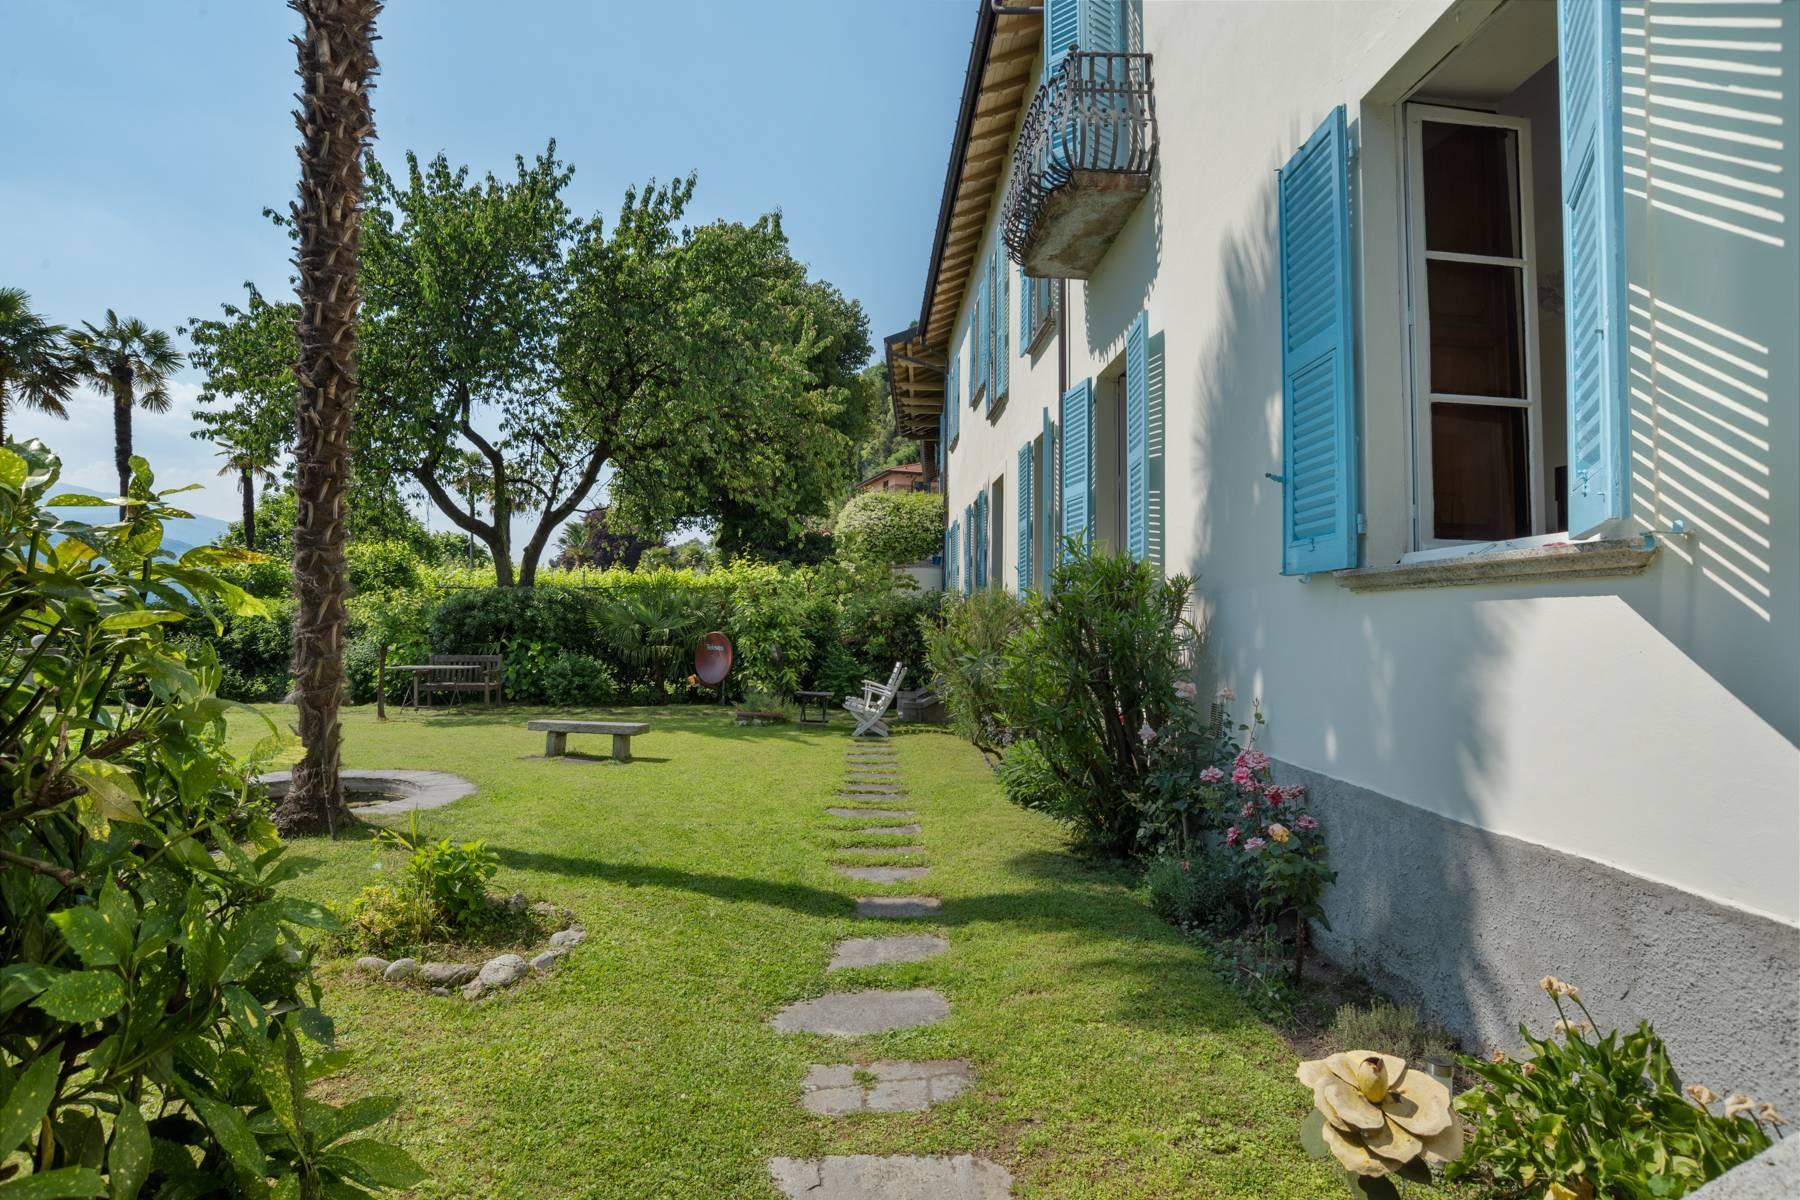 Casa storica direttamente sul lago Maggiore - 45